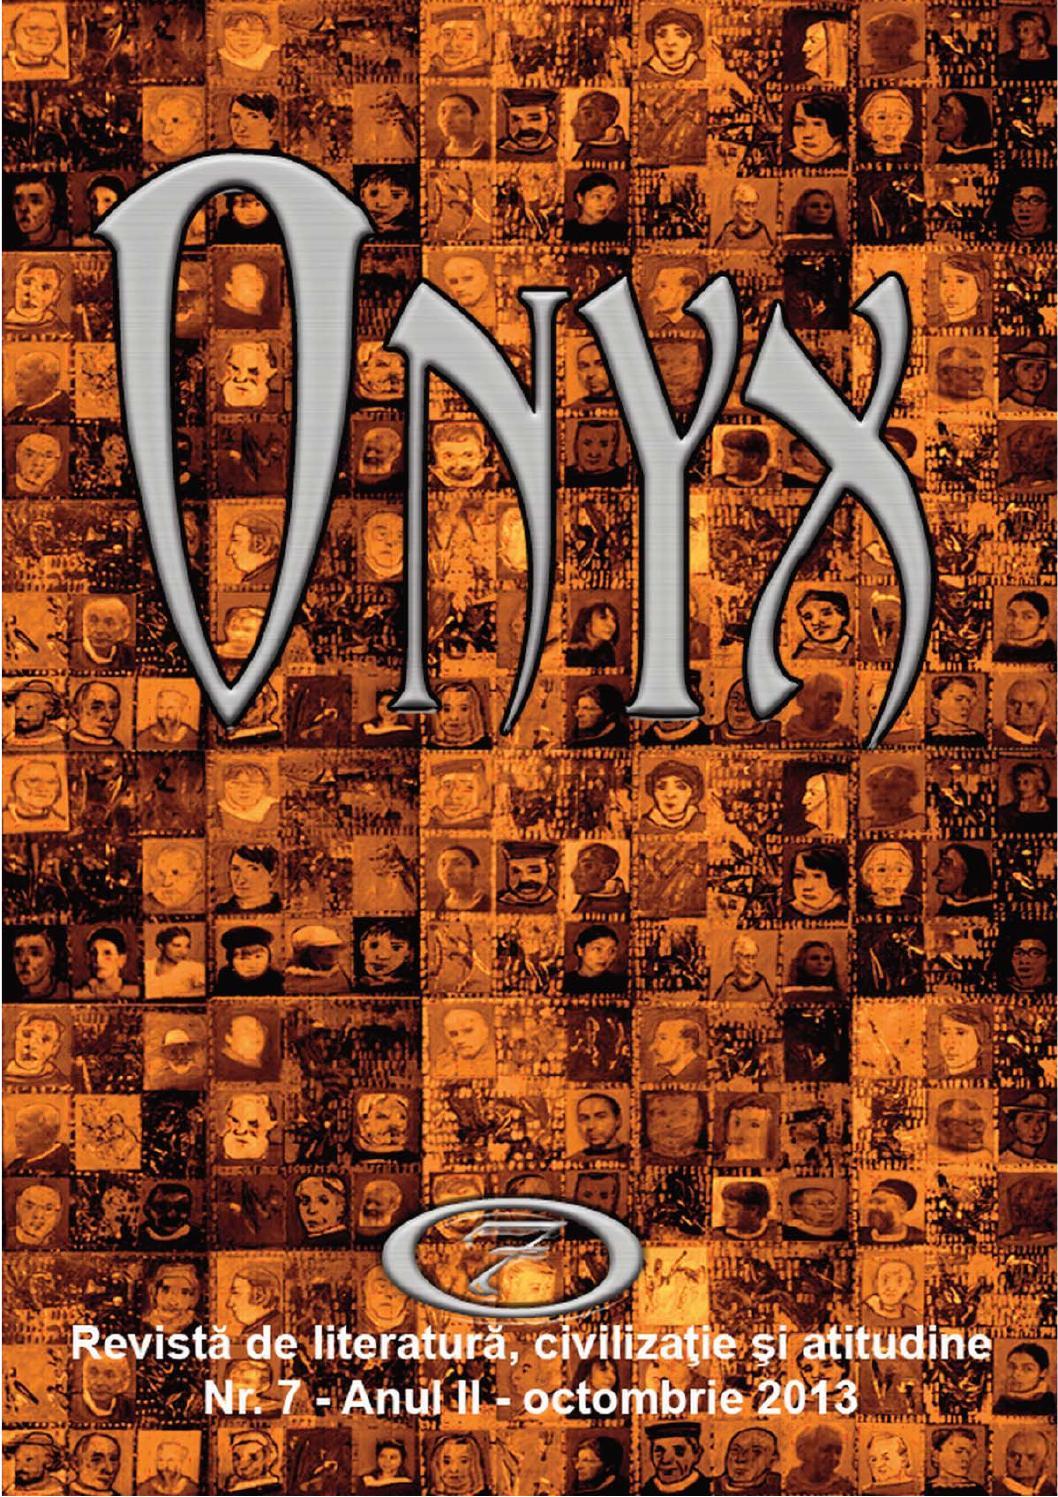 Anca Dumitra Nud revista onyx nr 7ioan mititelu - issuu